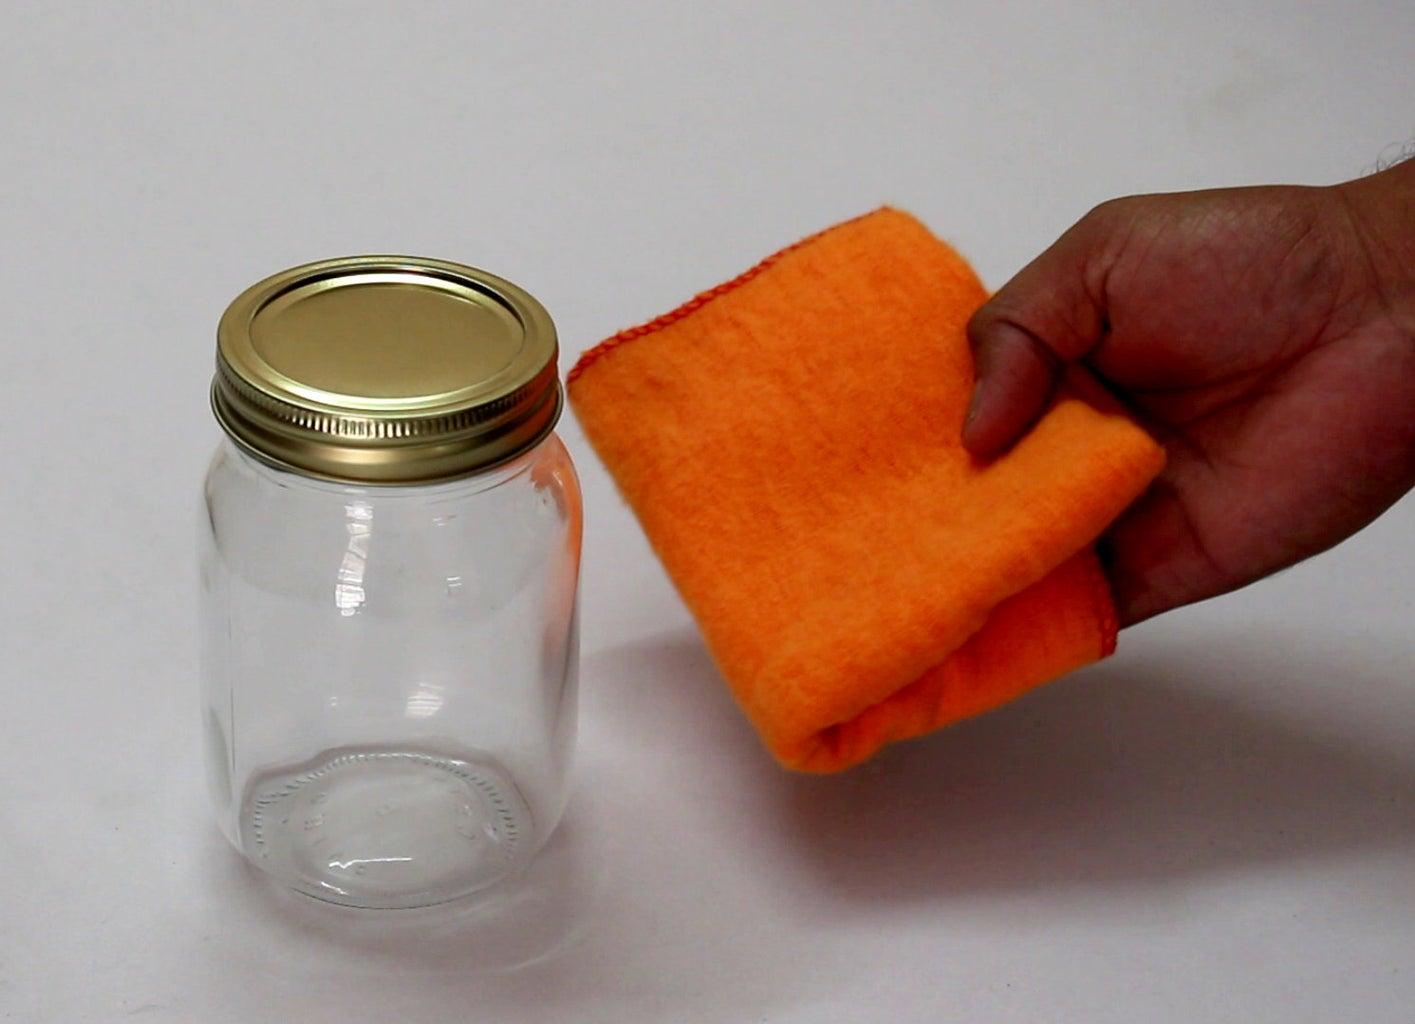 Clean the Jar